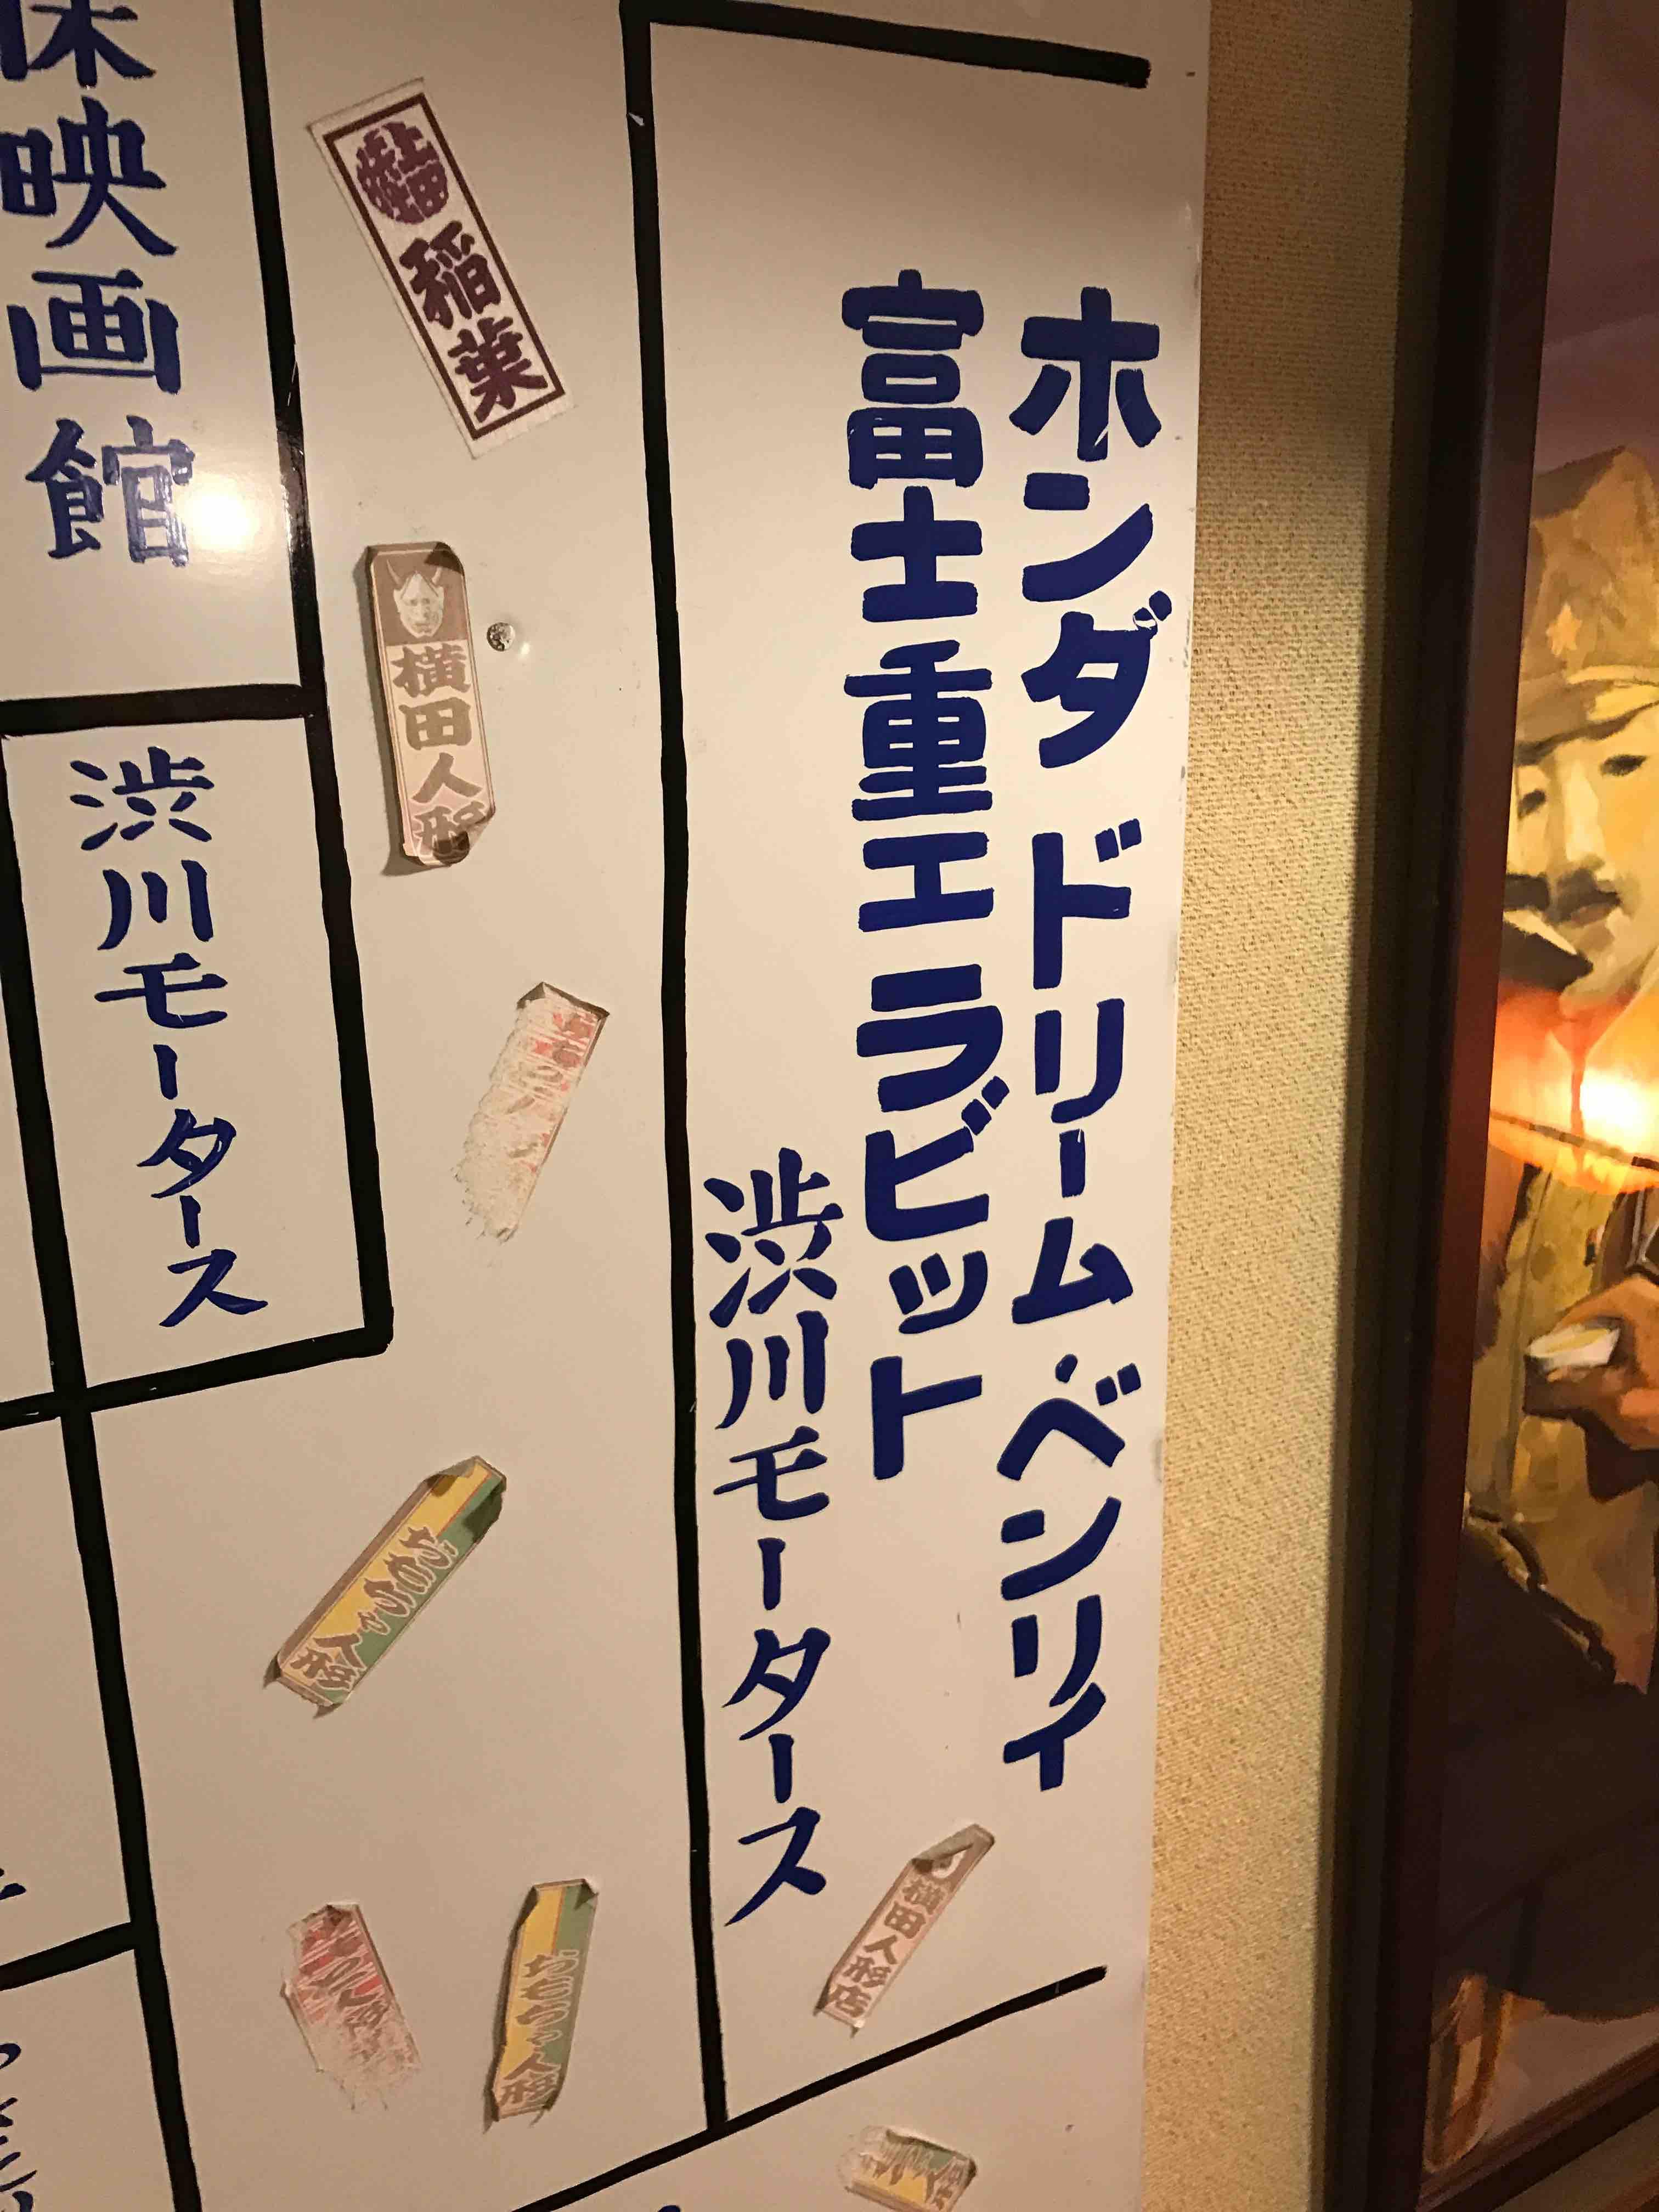 伊香保 おもちゃと人形自動車博物館